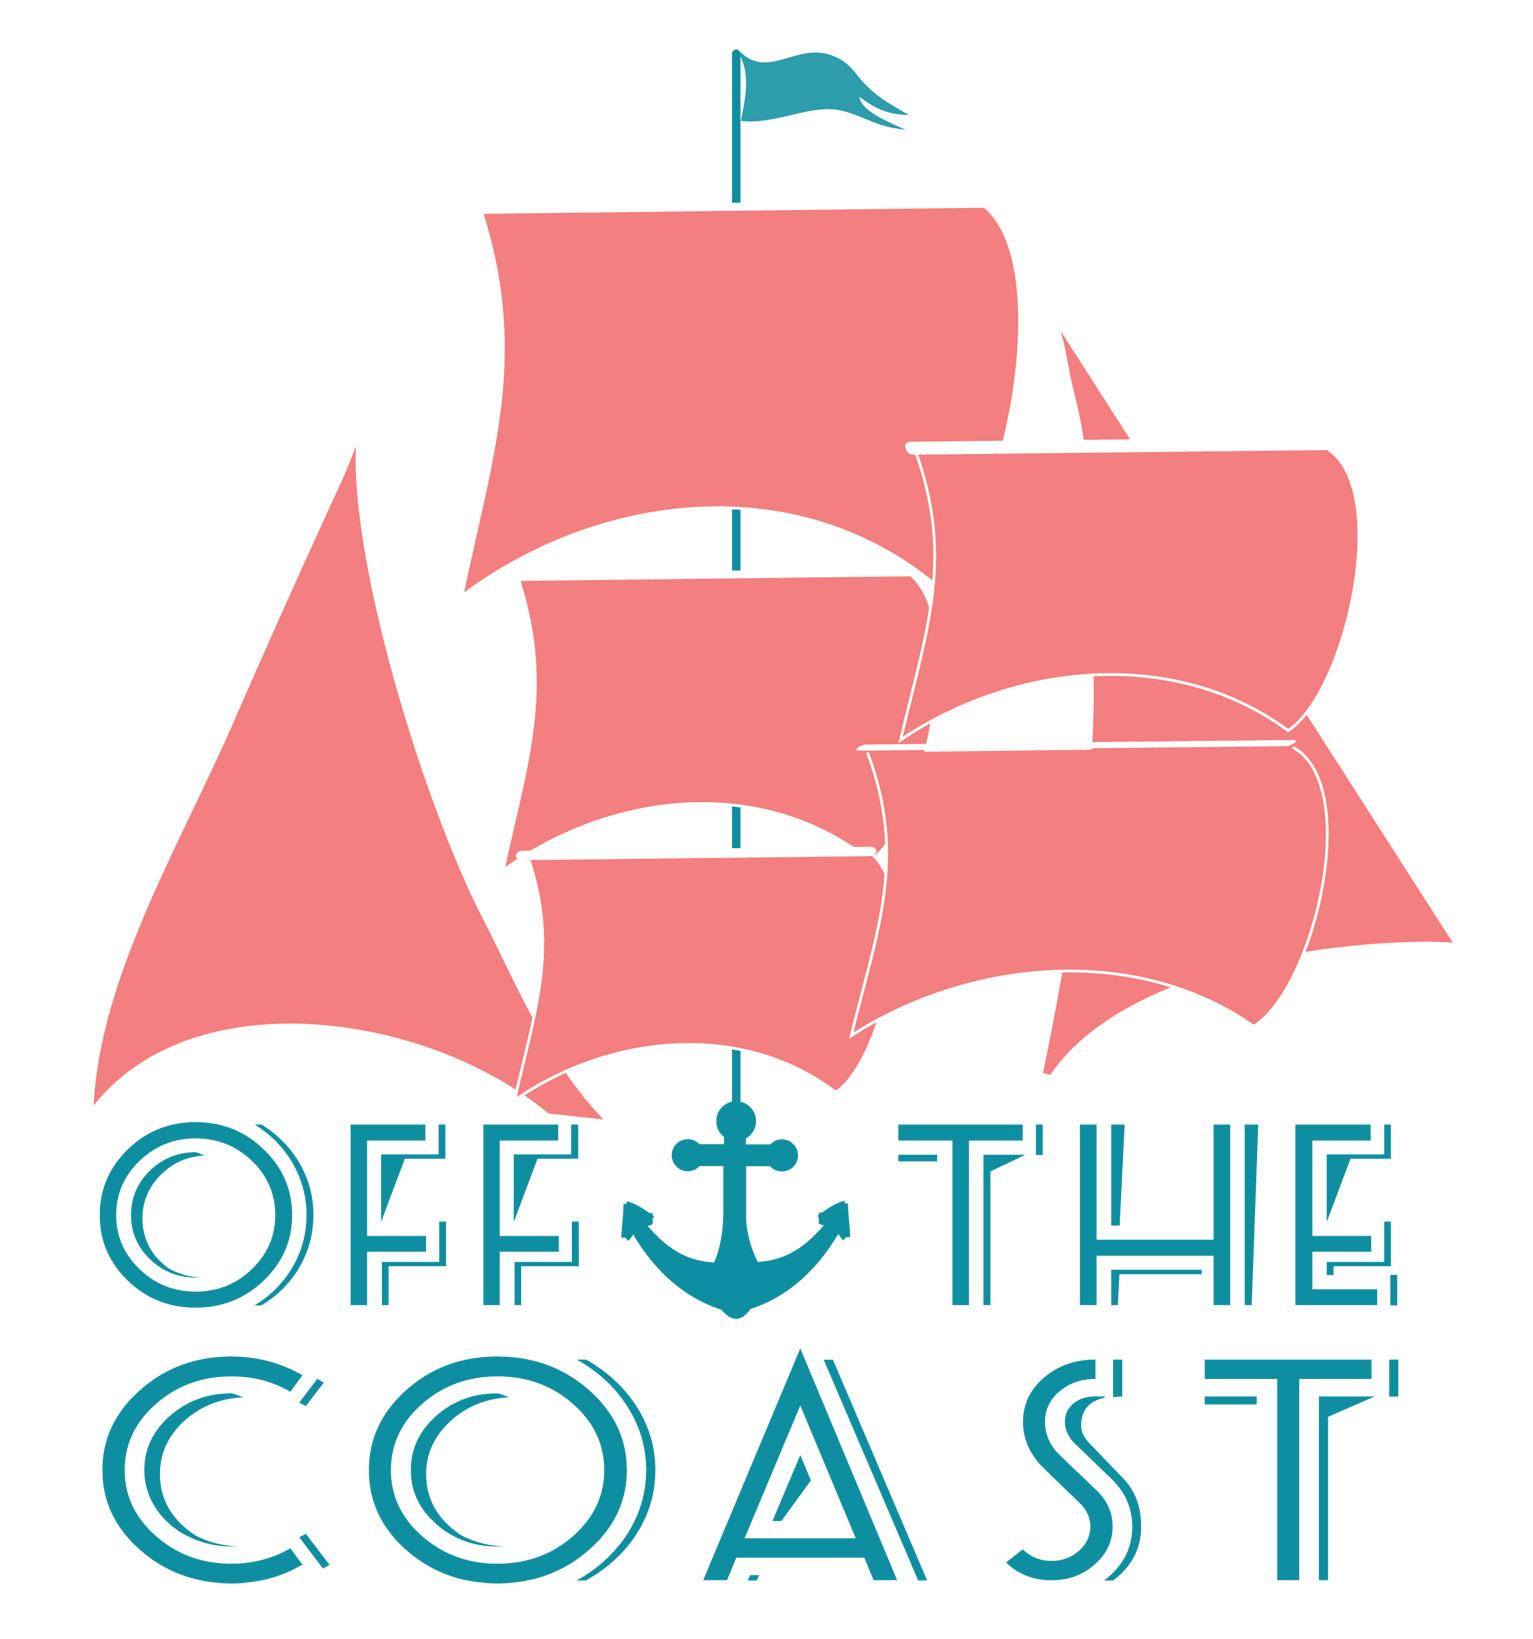 Off the Coast